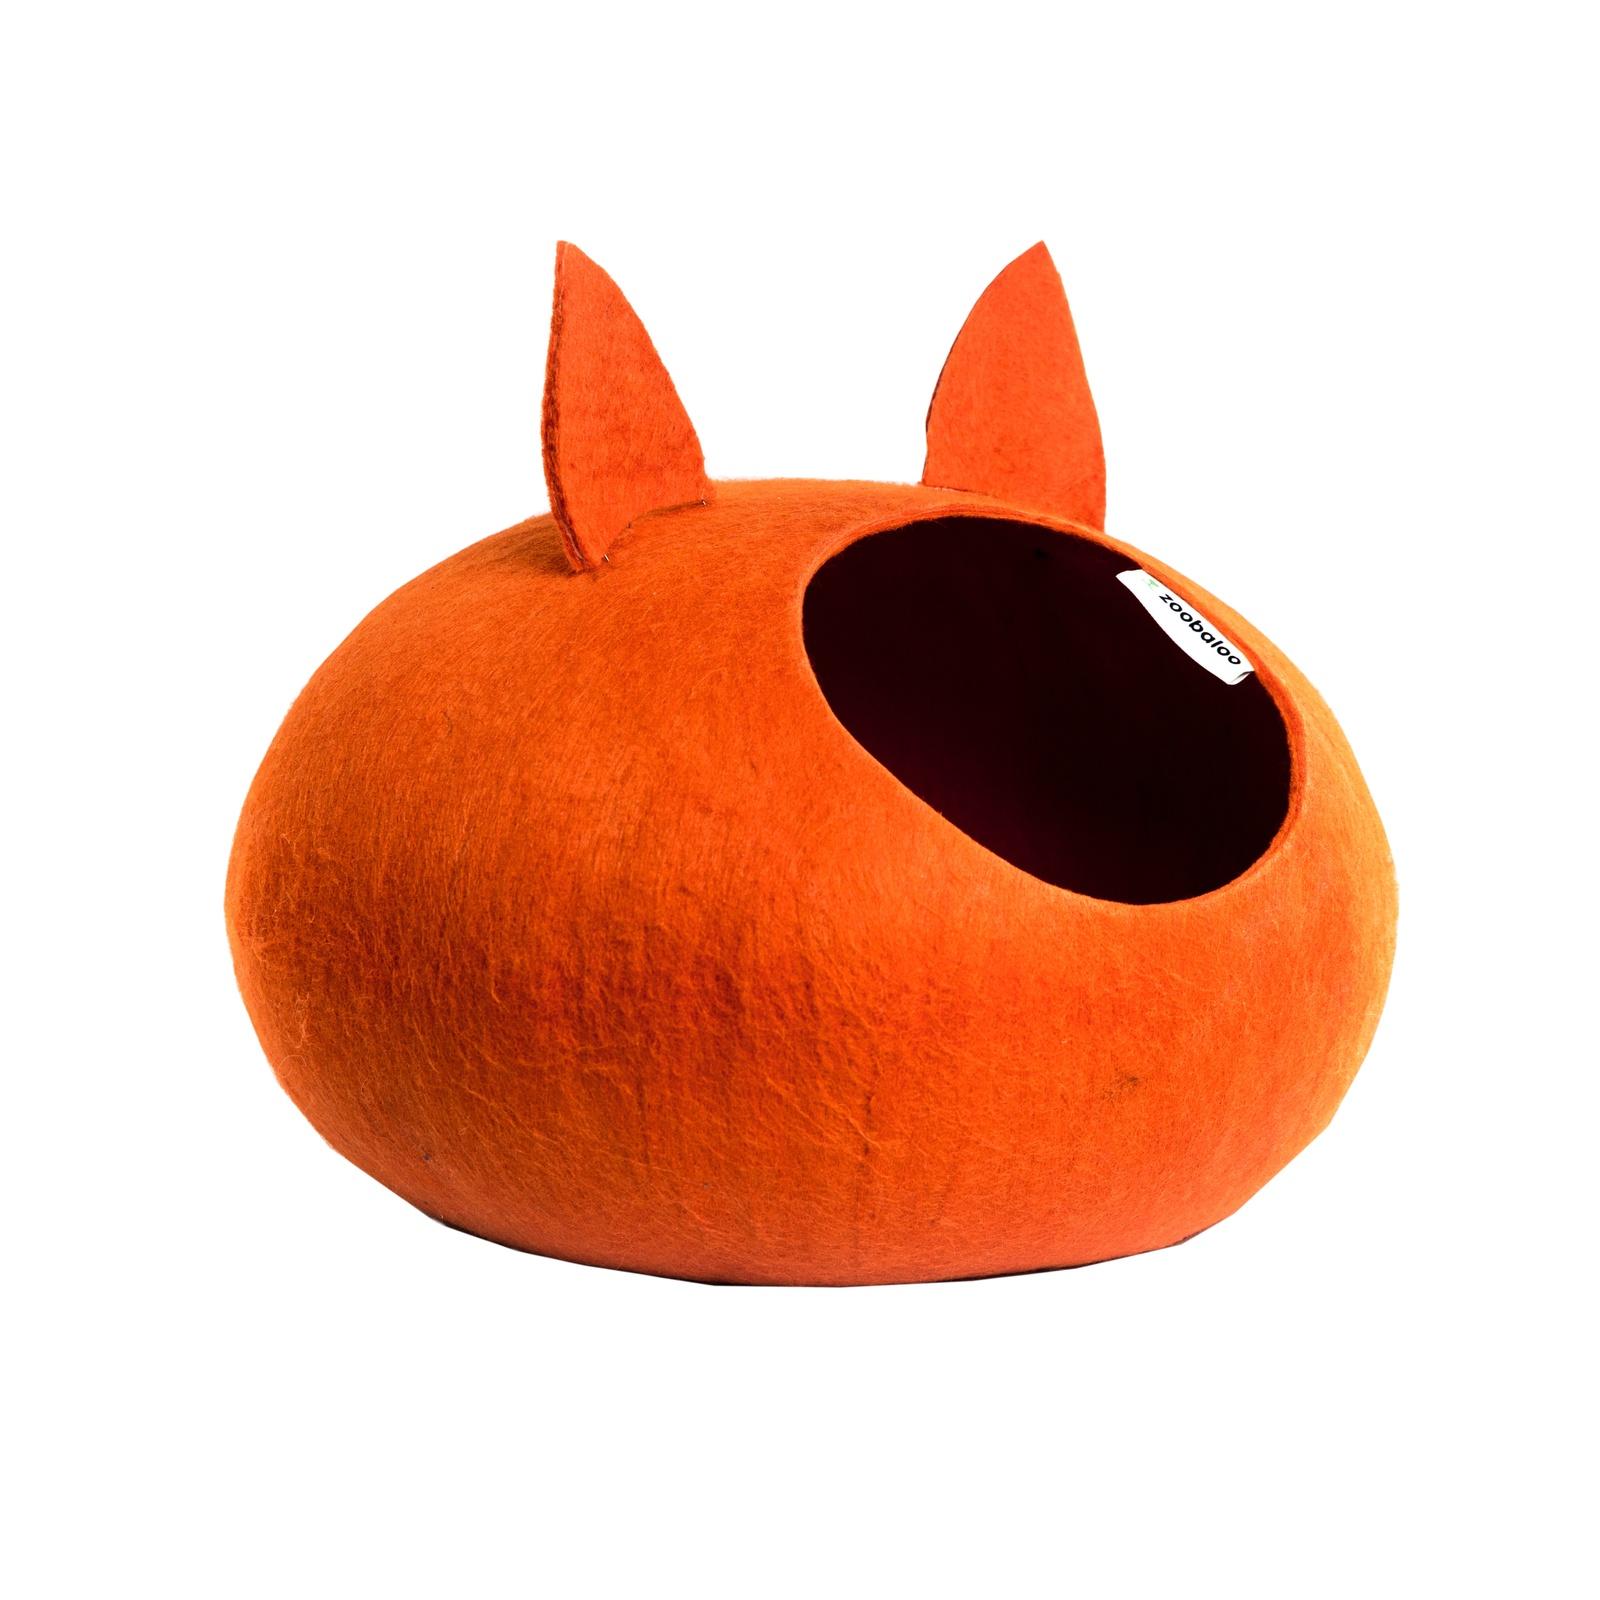 Домик для кошек и собак WoolPetHouse с ушками, оранжевый, L домик слипер для животных zoobaloo woolpethouse с ушками цвет синий размер l